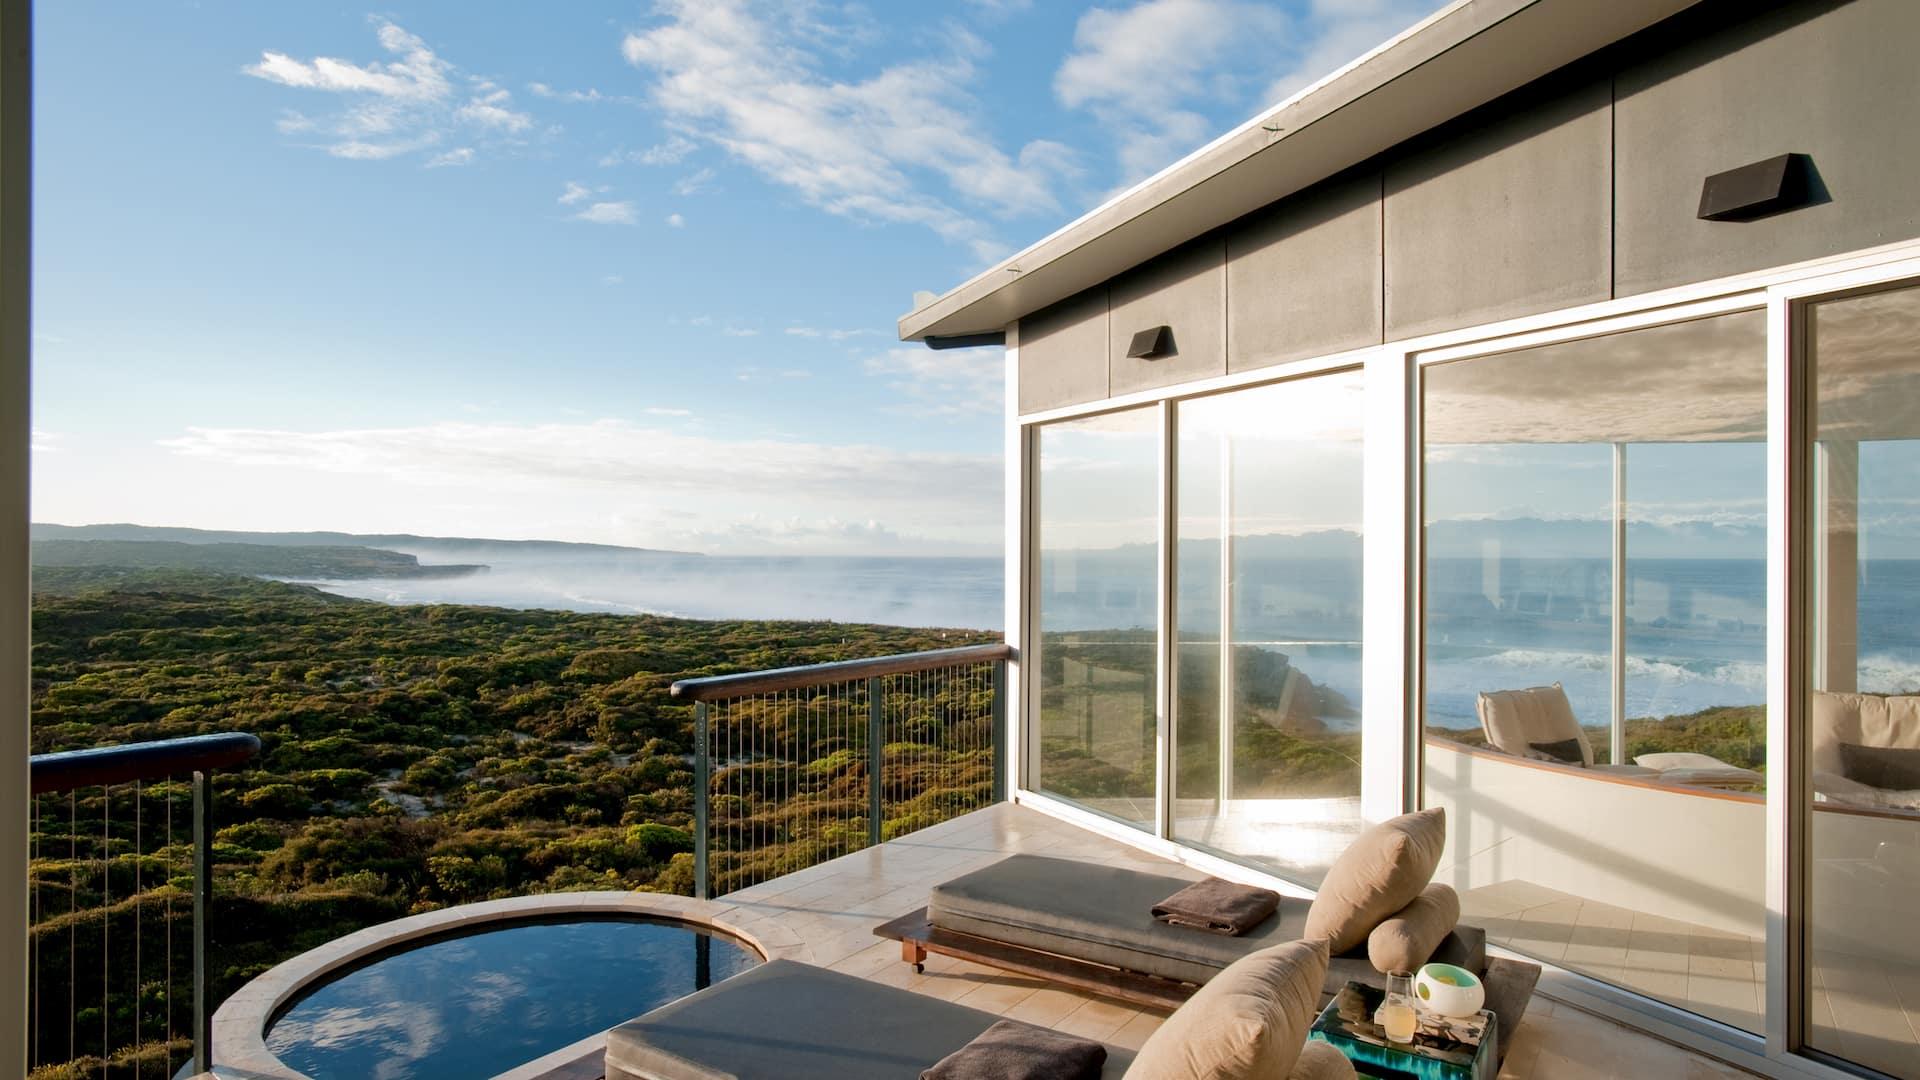 Southern ocean lodge - viaggio di nozze Australia